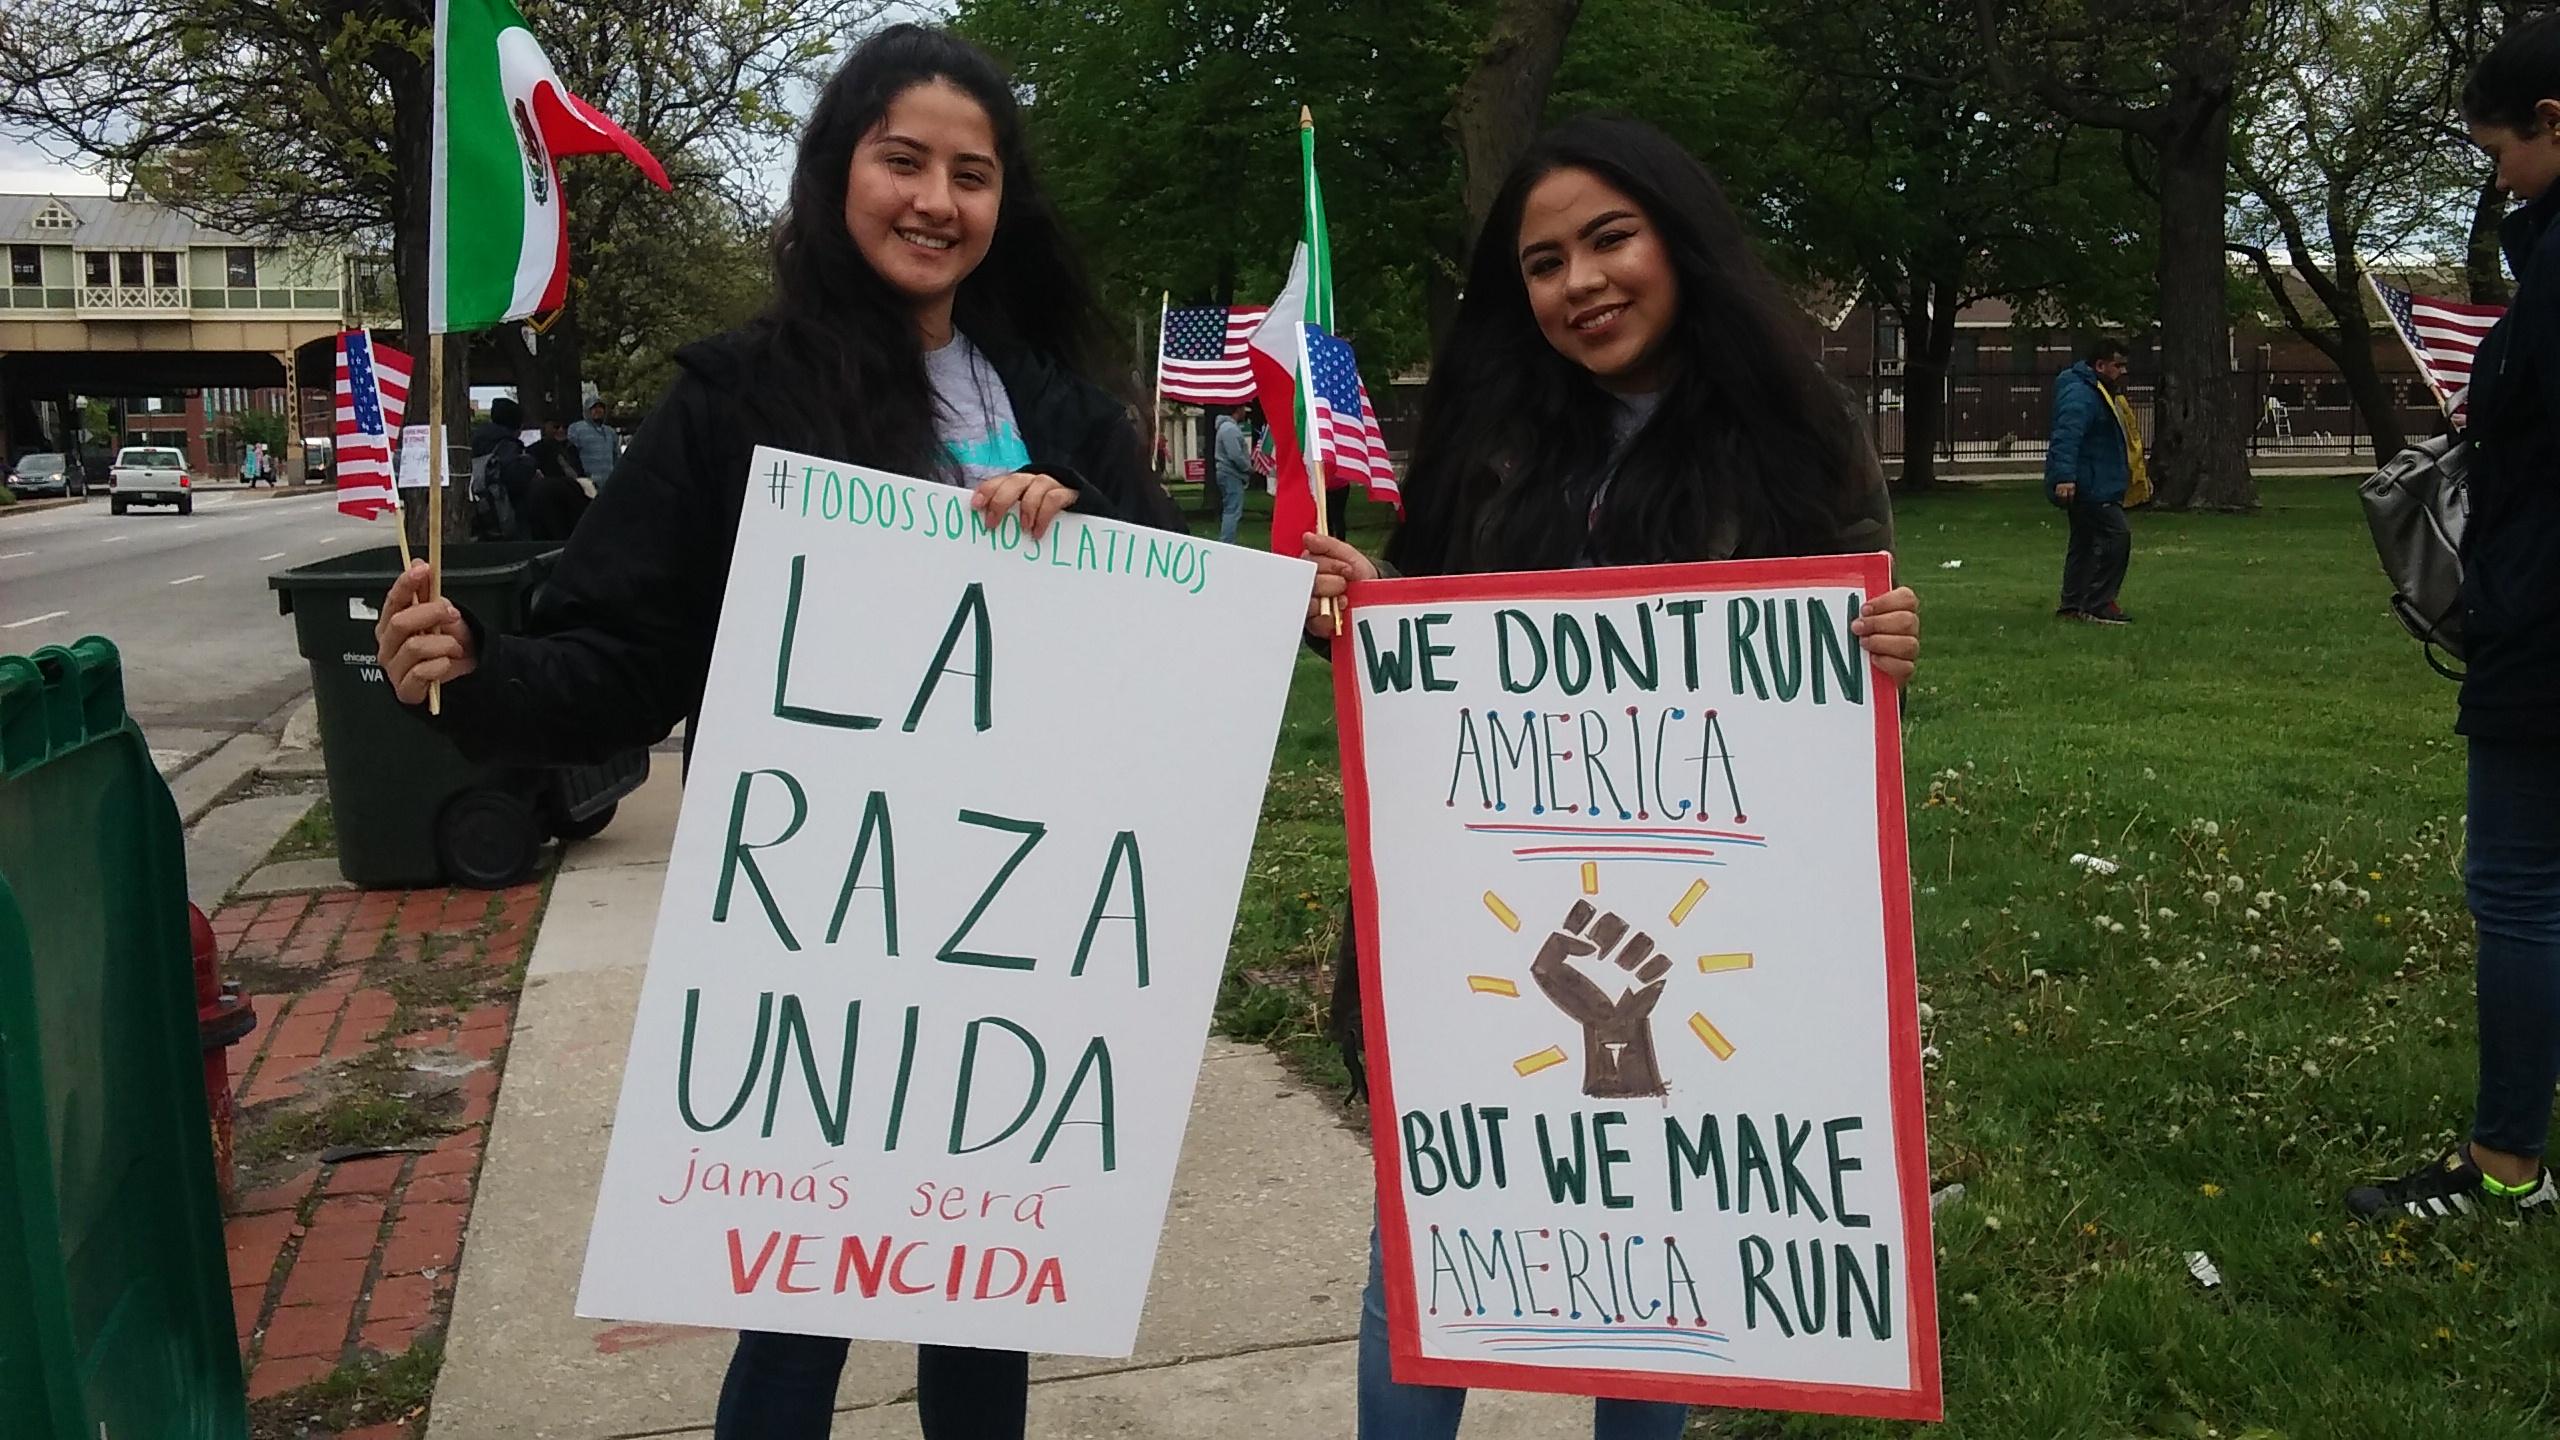 Dos jóvenes inmigrantes envían un mensaje al actual gobierno de Estados Unidos durante la marcha del 1 d Mayo en Chicago. Foto: David Torres.